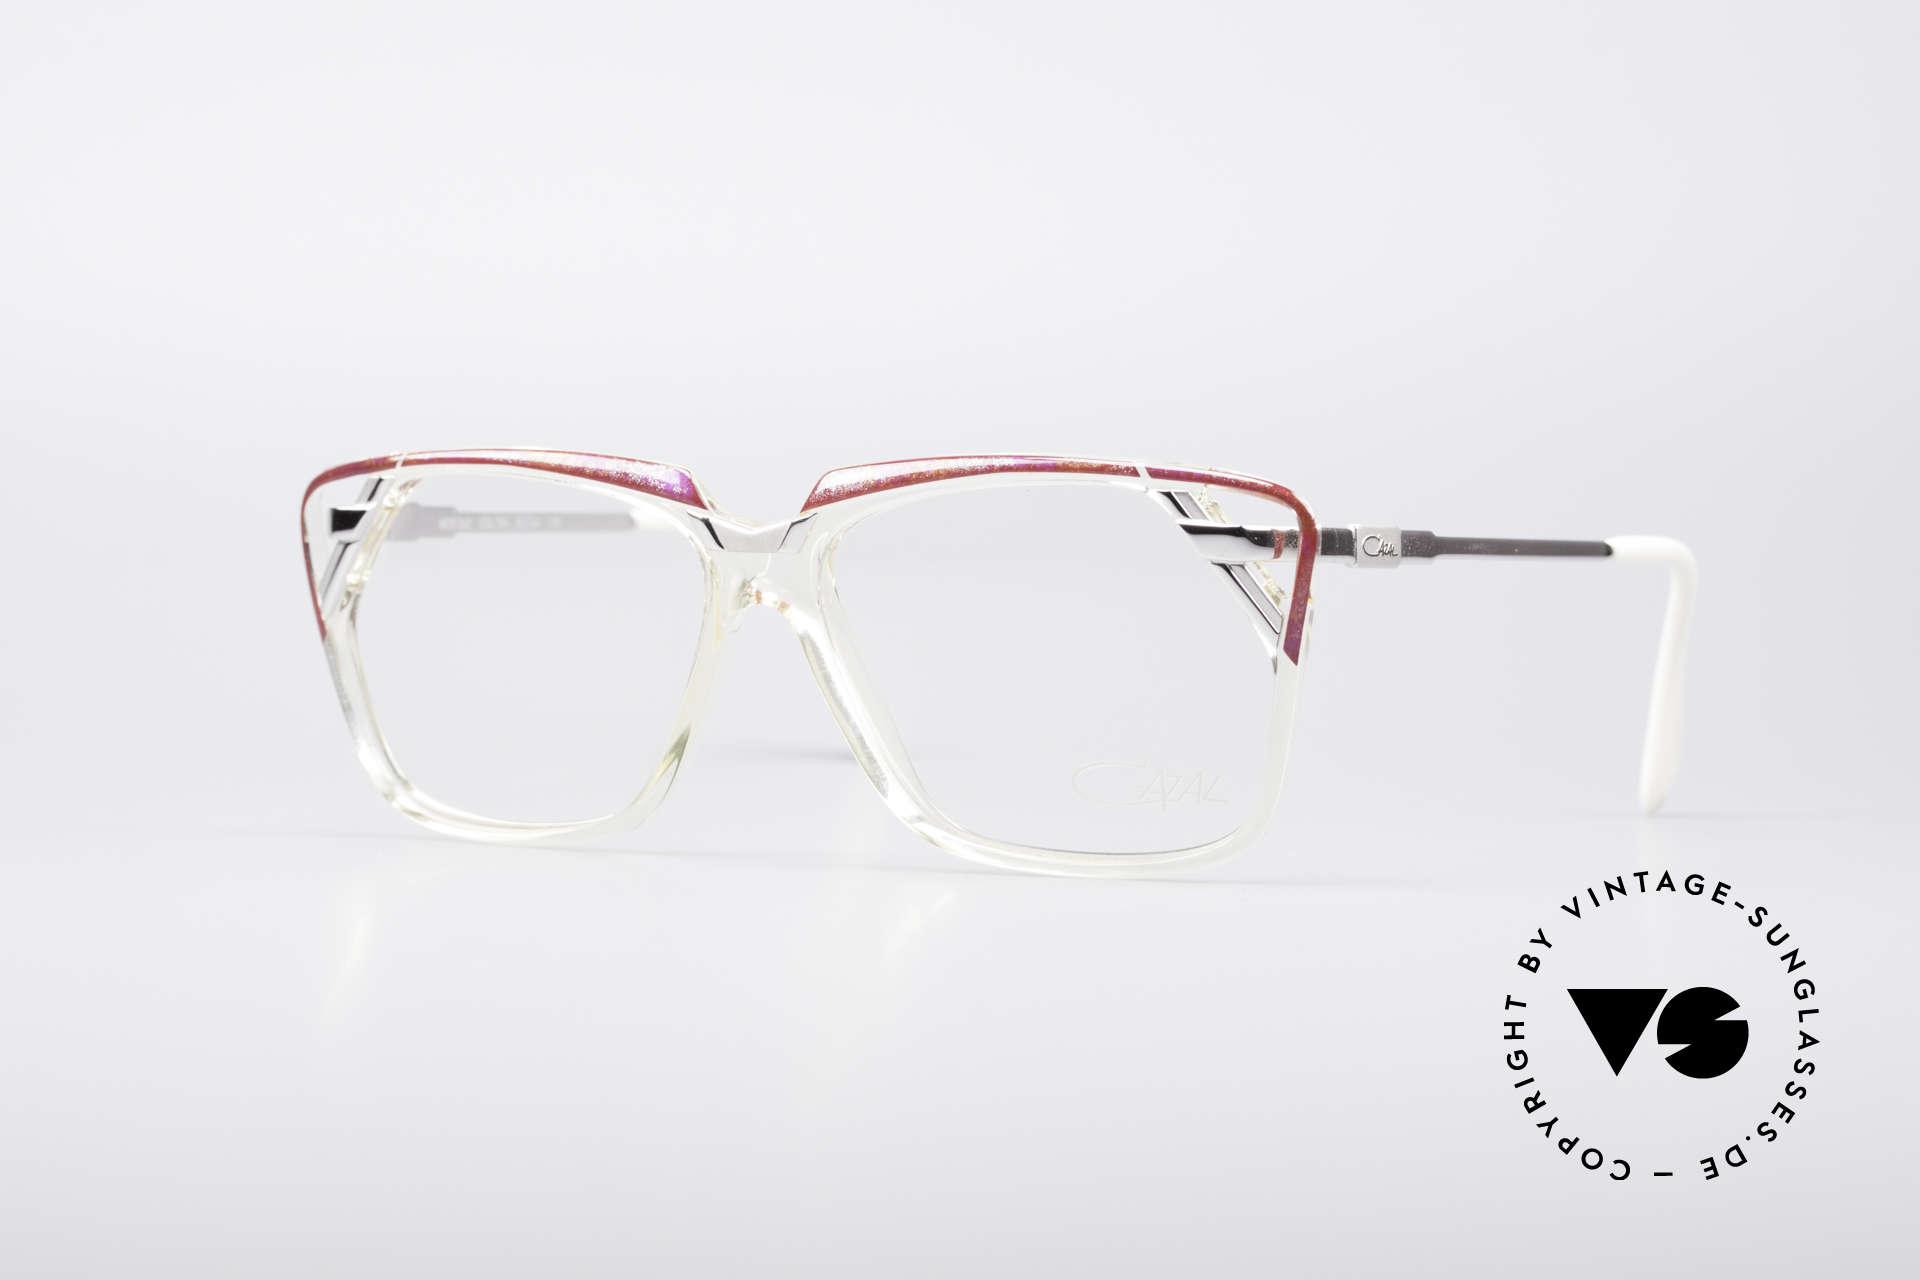 Cazal 342 90er Designerbrille, markante Cazal Designerbrille aus den 90ern, Passend für Damen